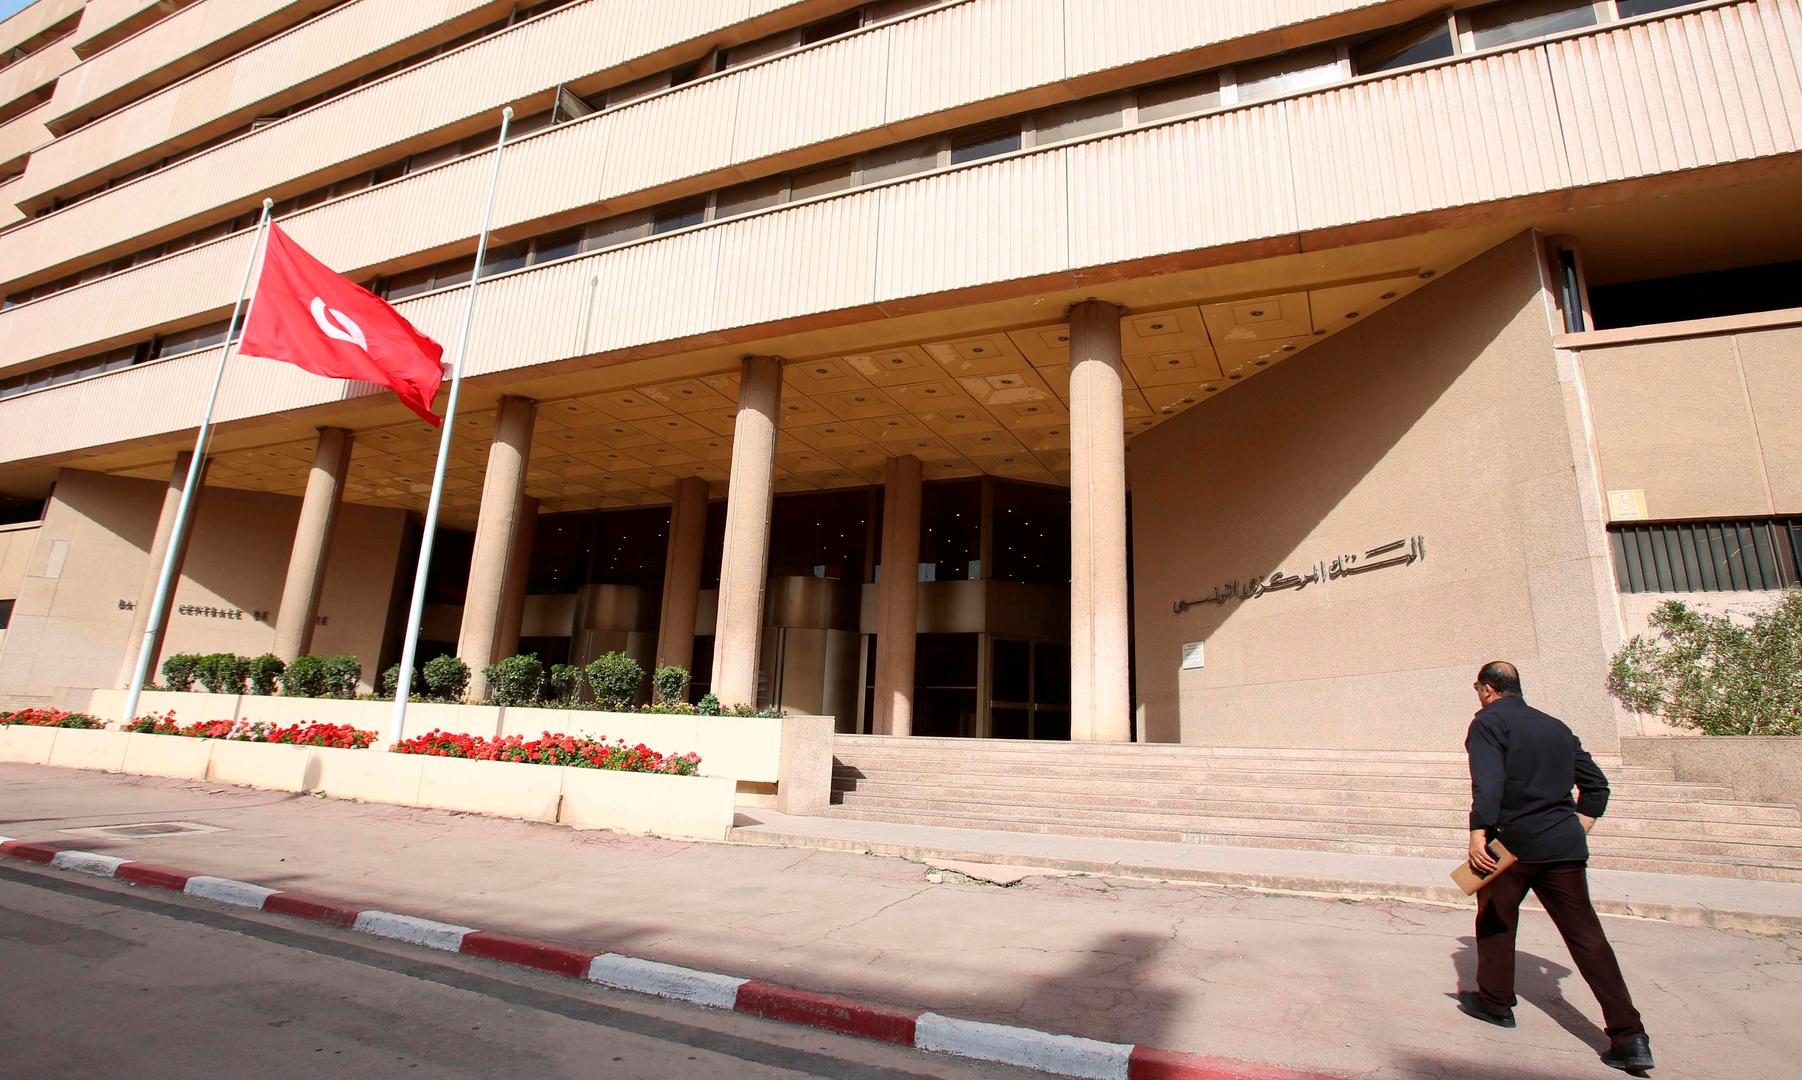 صورة من الأرشيف - البنك المركزي التونسي